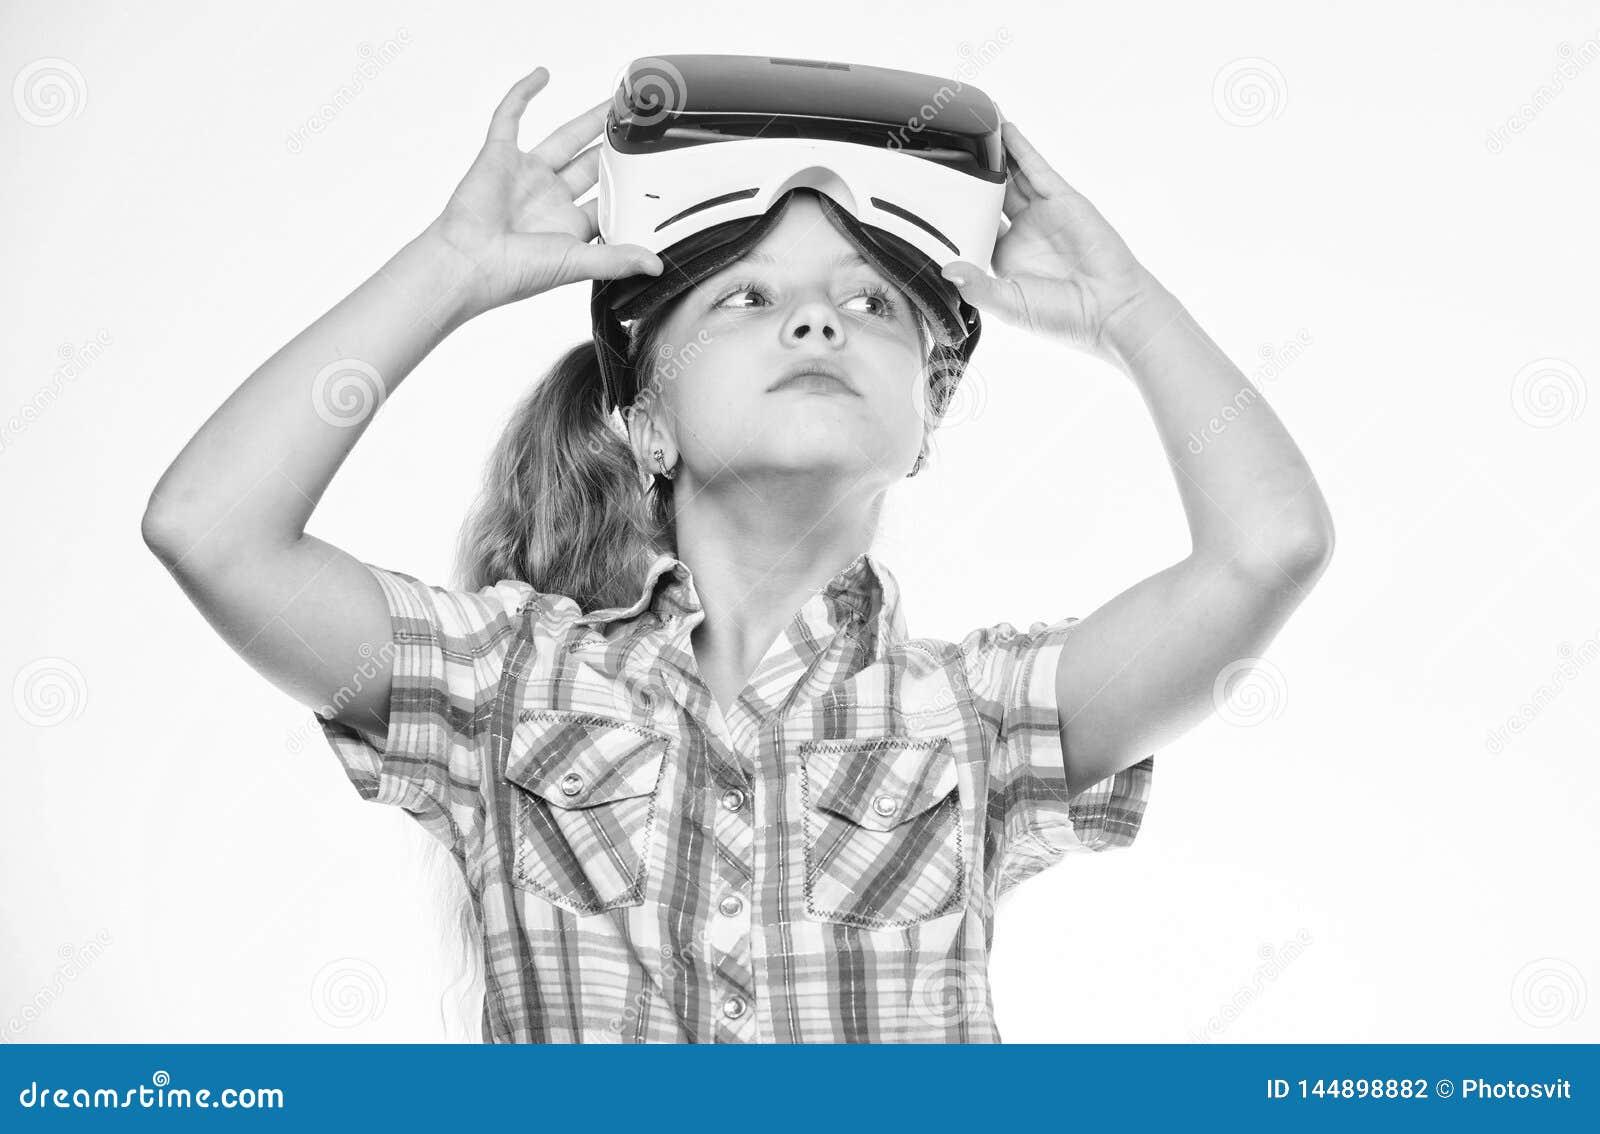 Giochi virtuali del gioco da bambini con il dispositivo moderno Esplori l opportunit? virtuale Pi? nuovi giochi di realt? virtual